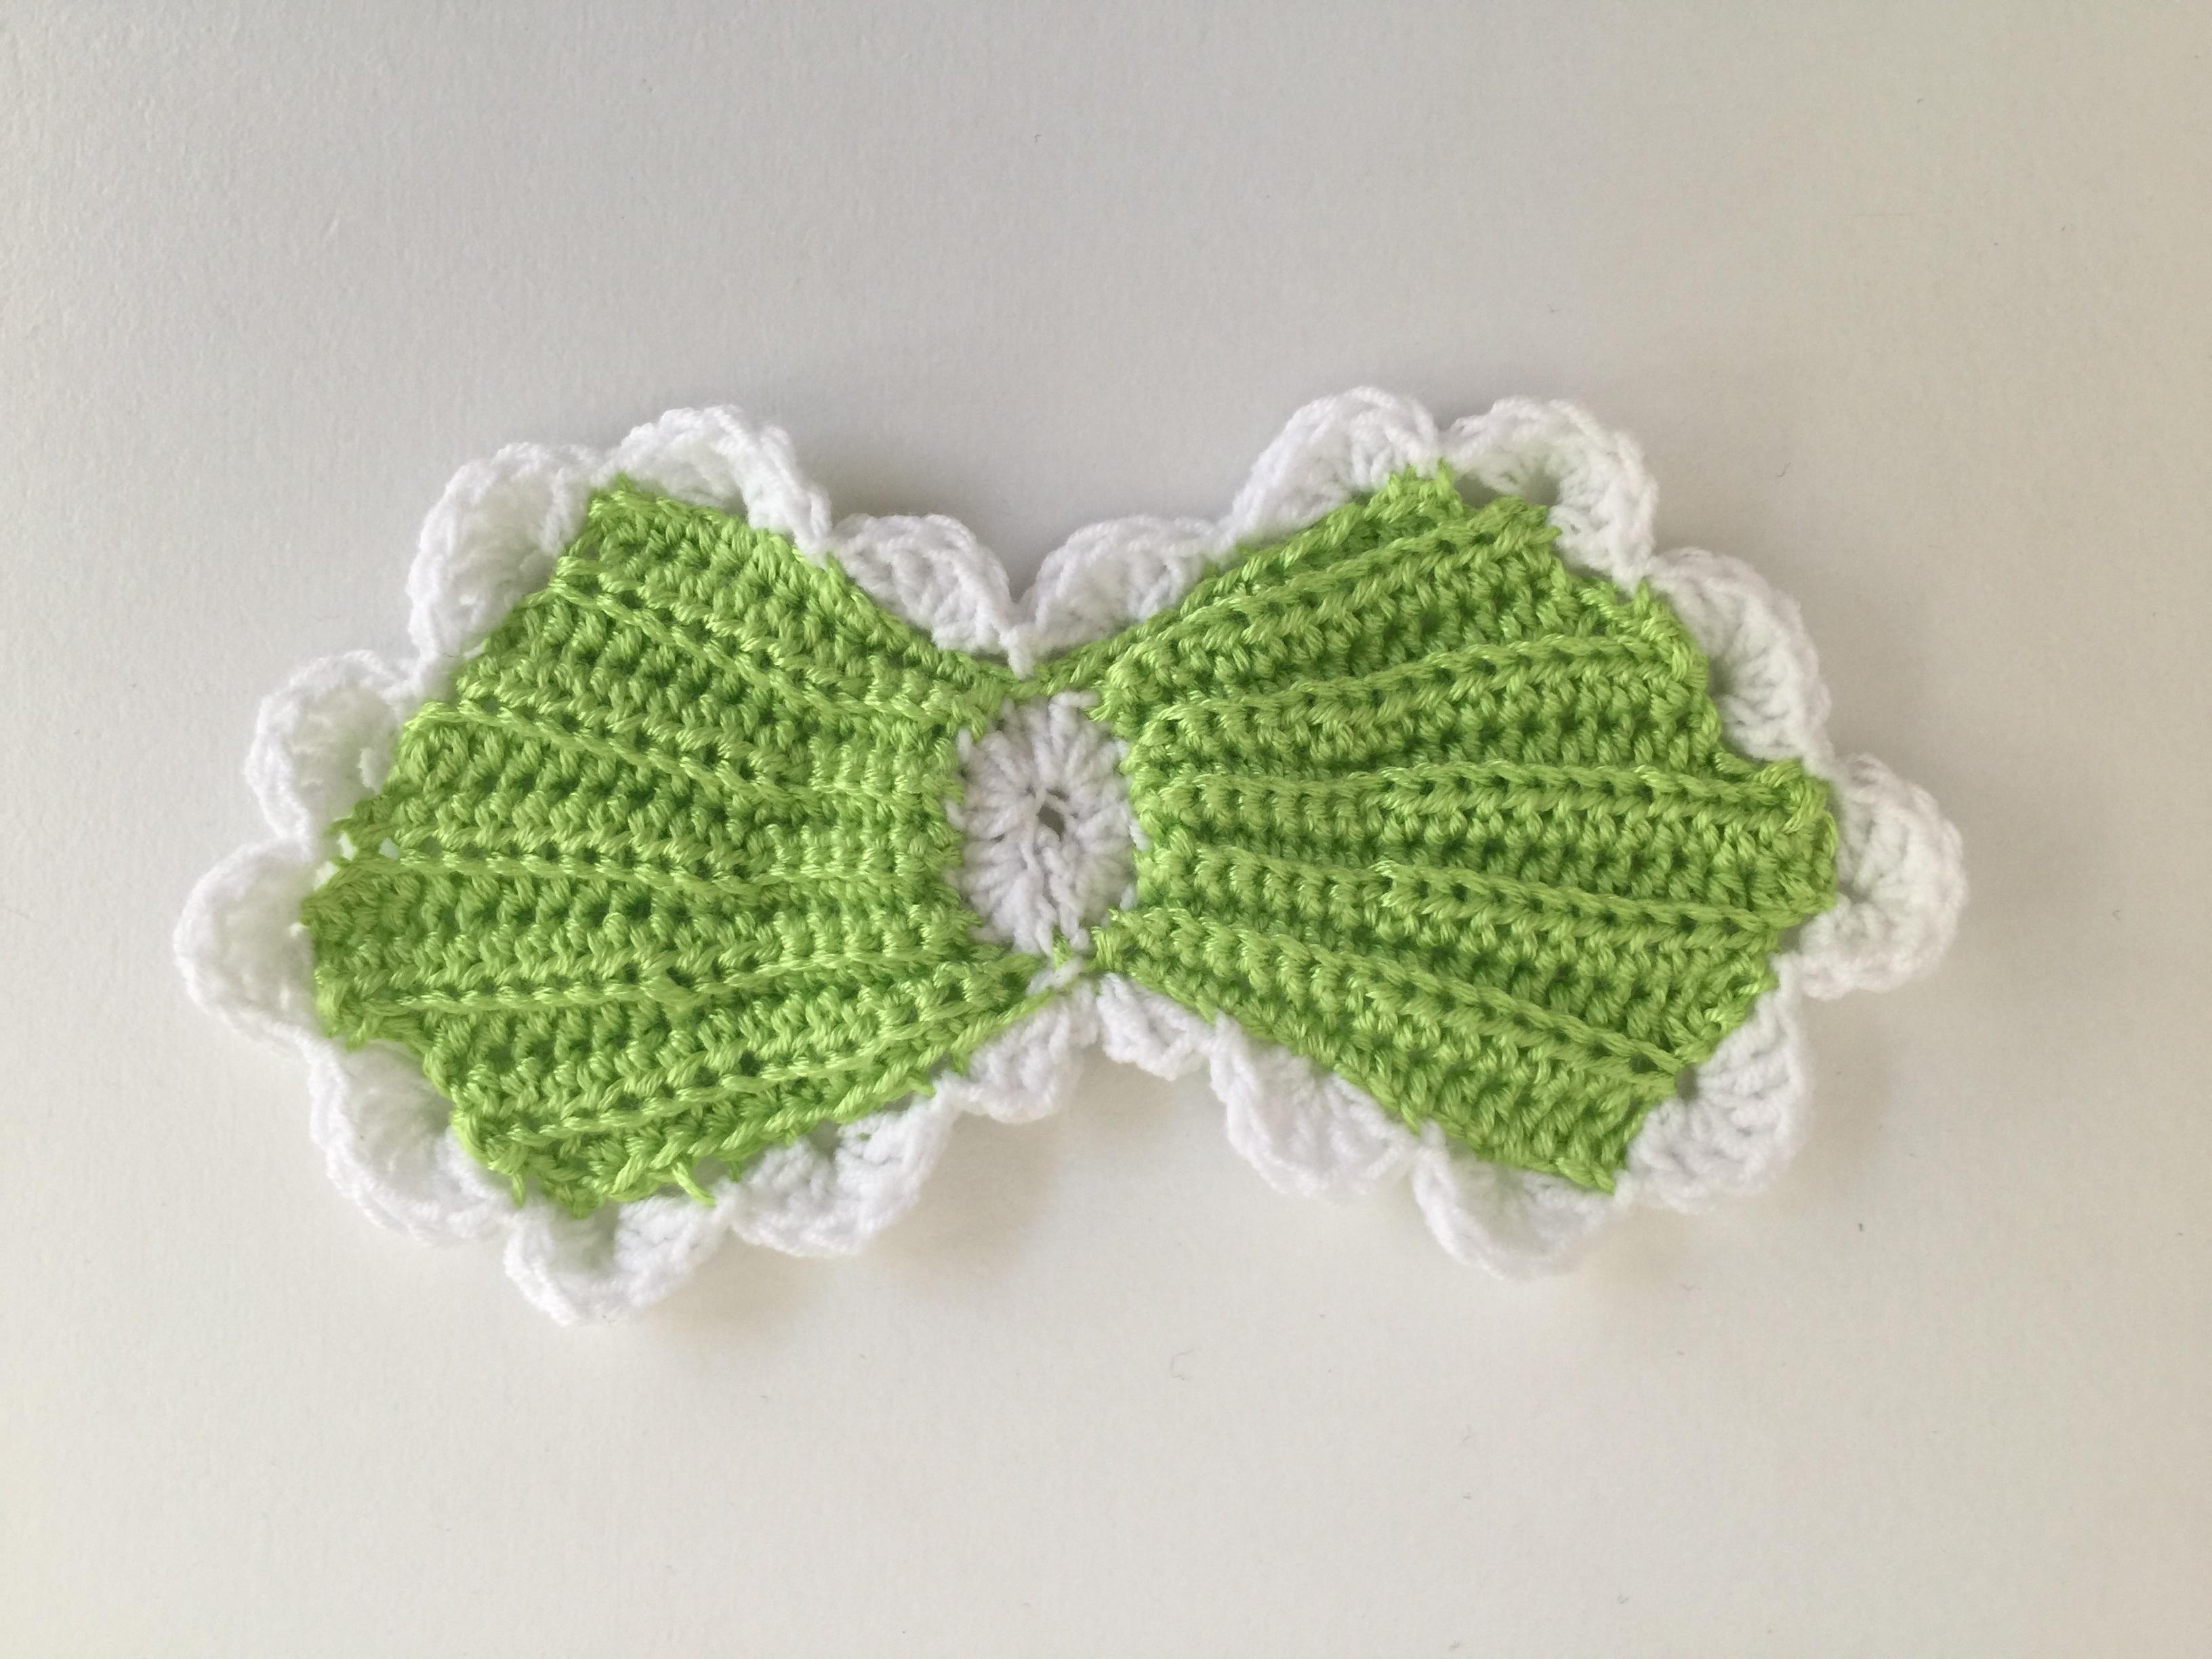 Fotos gratis : pétalo, linda, decoración, patrón, verde, cordón ...